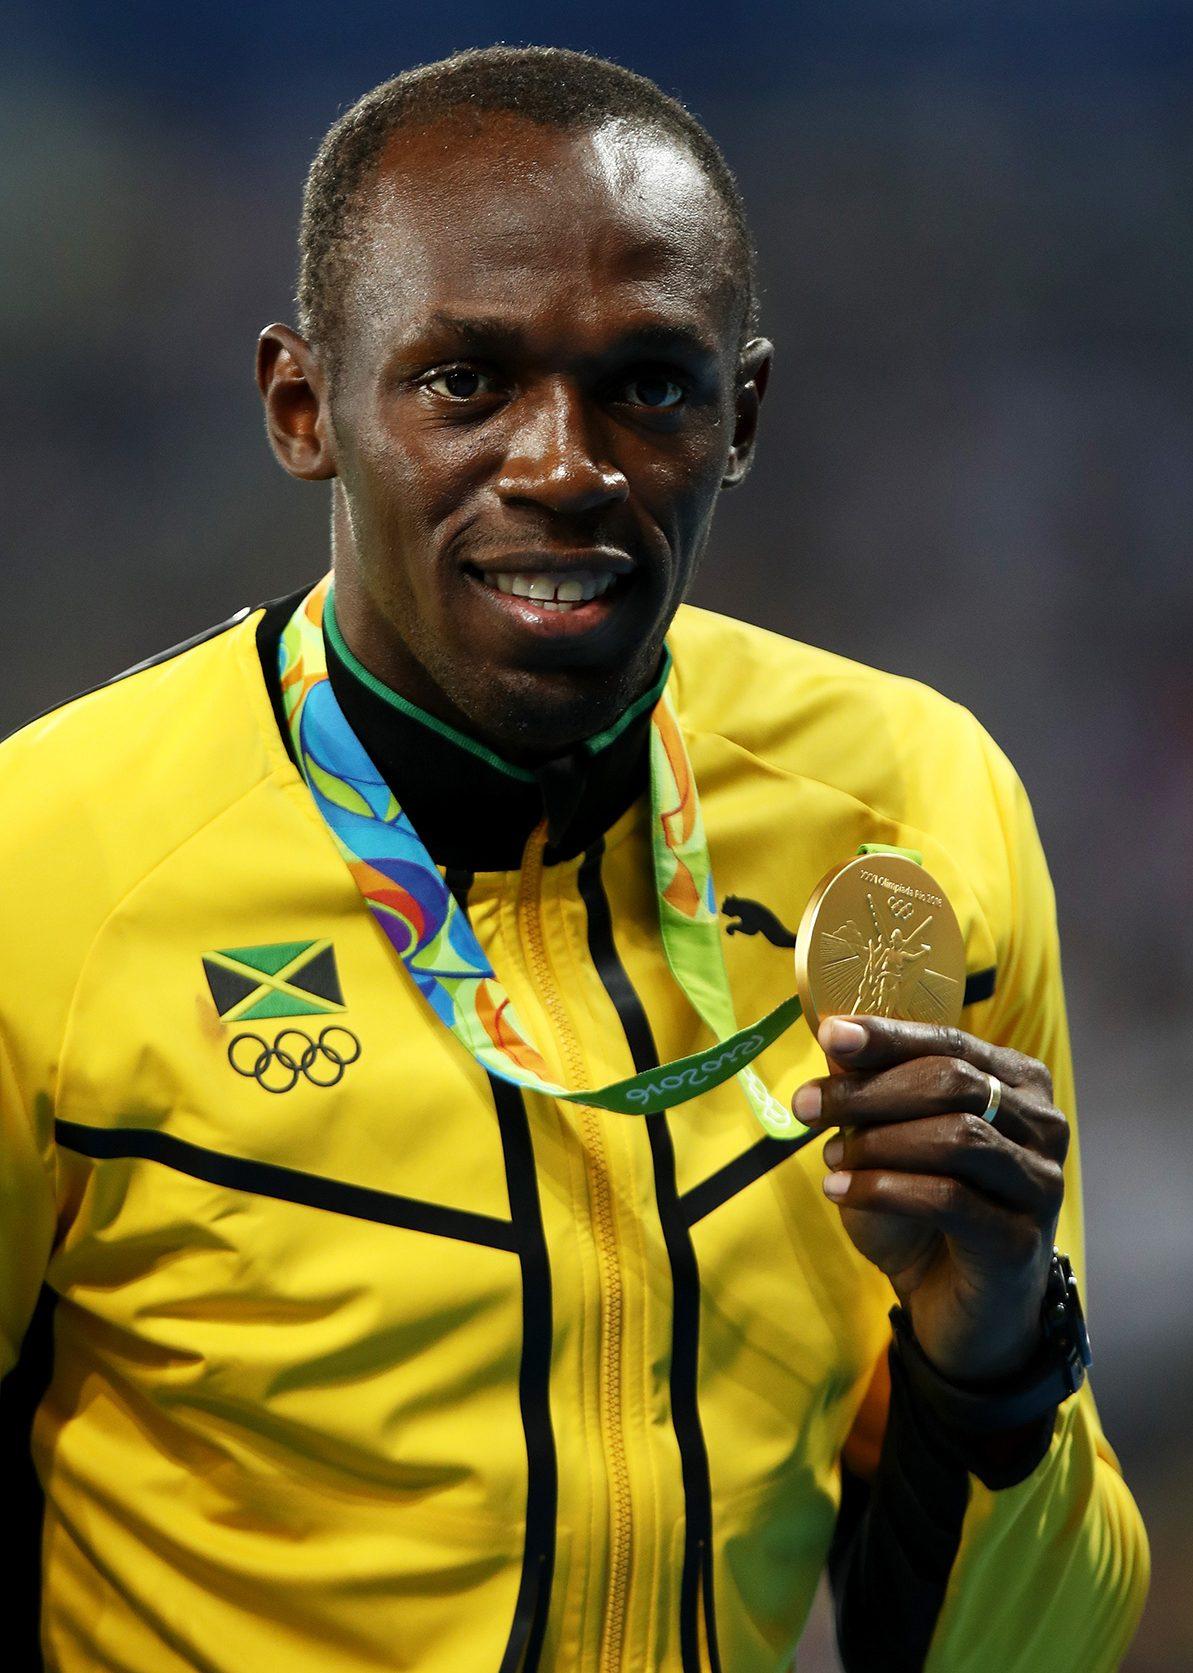 Documentary on Olympic Sprint Sensation Usain Bolt Out ...